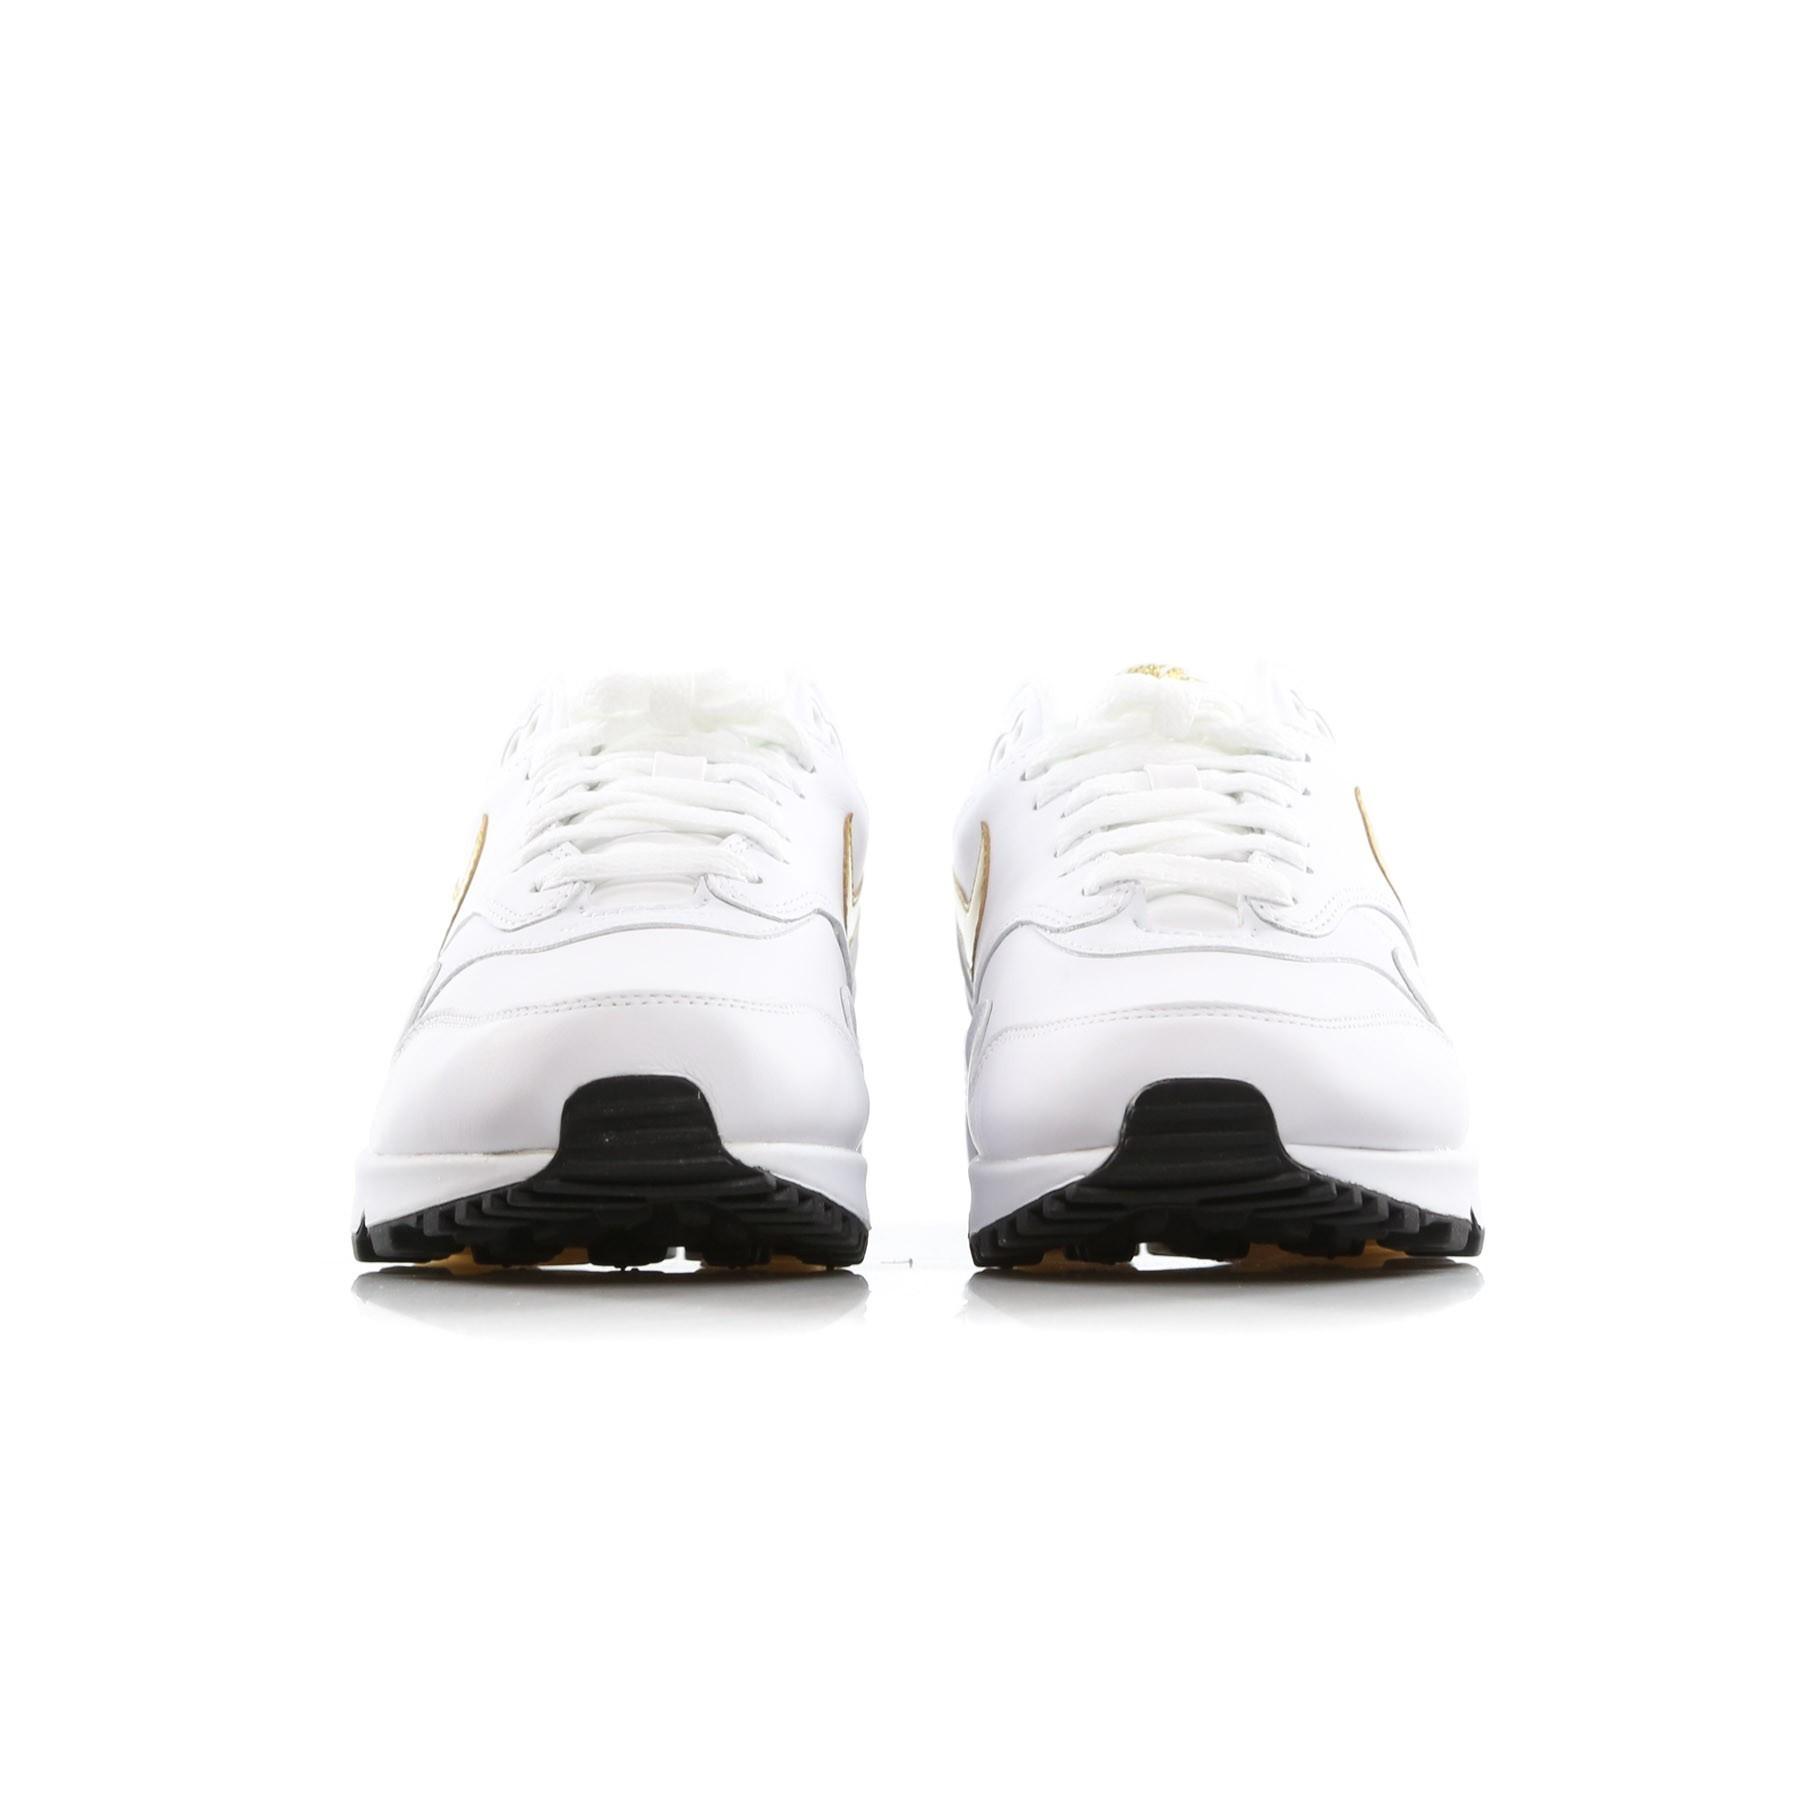 sports shoes 7da41 9f121 SCARPA BASSA AIR MAX 90 1 L